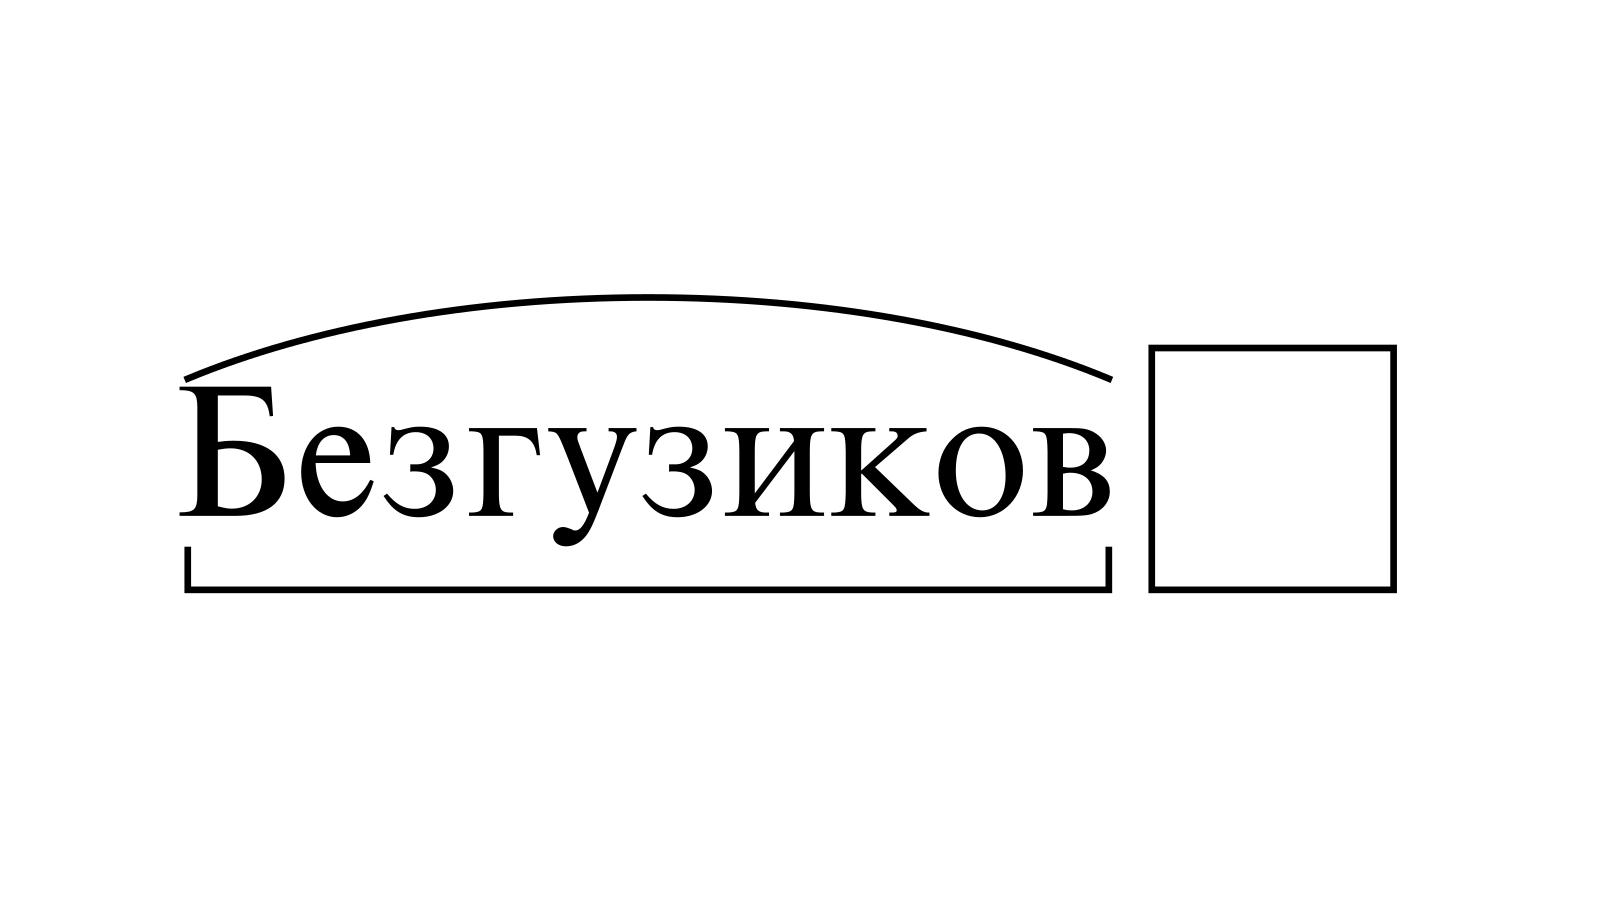 Разбор слова «Безгузиков» по составу